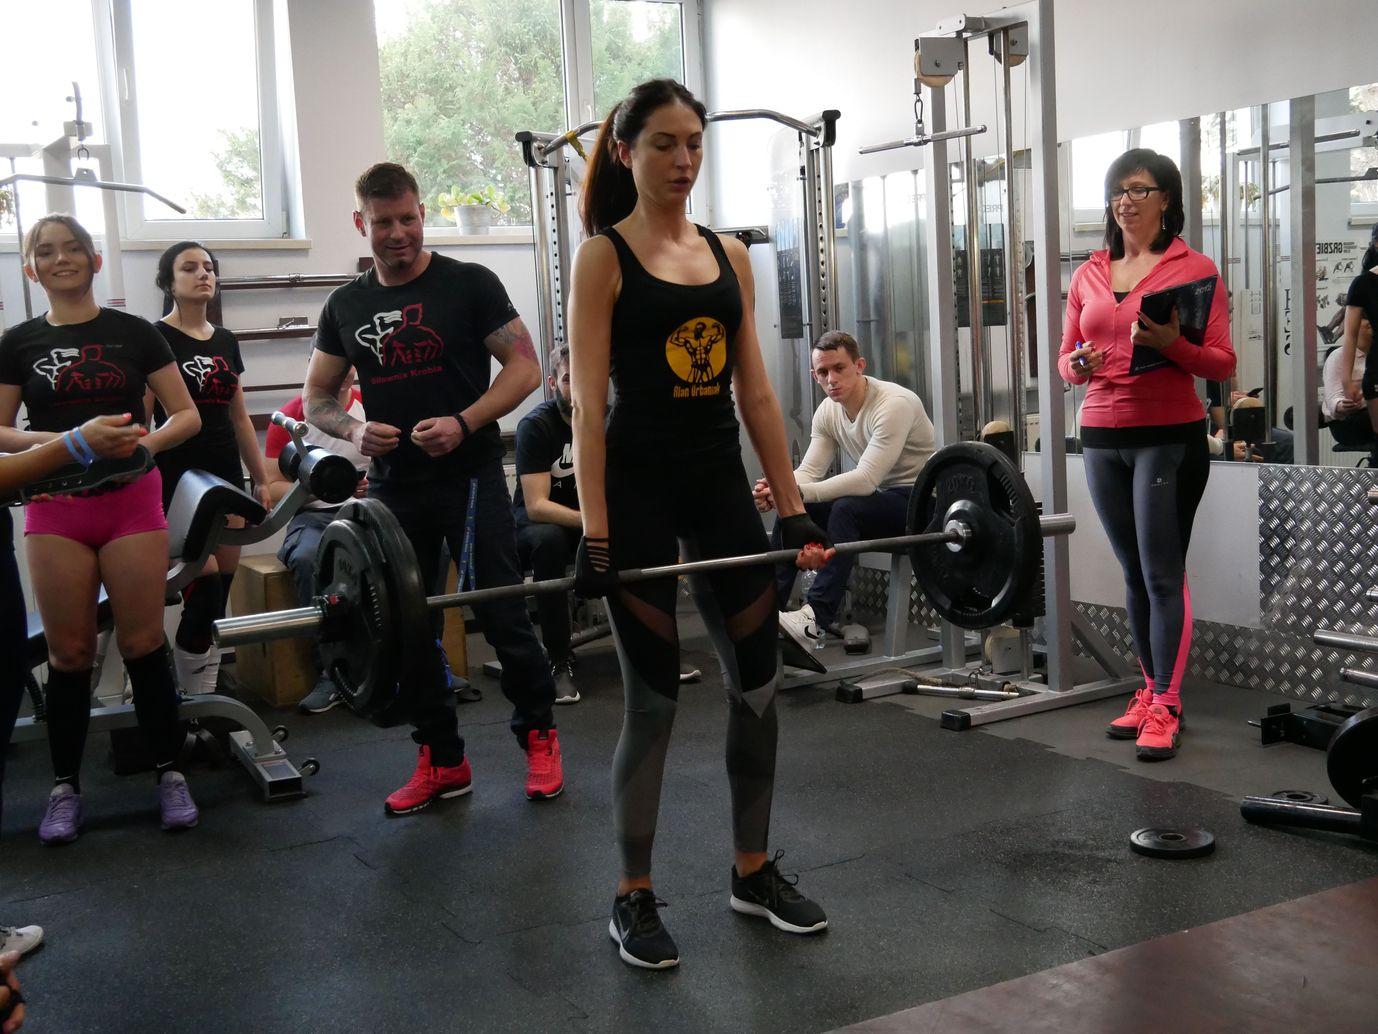 Zawody Martwy Ciąg Pleszew Fitness Klub Active Fit ul. Traugutta 30 siłownia trening personalny 10